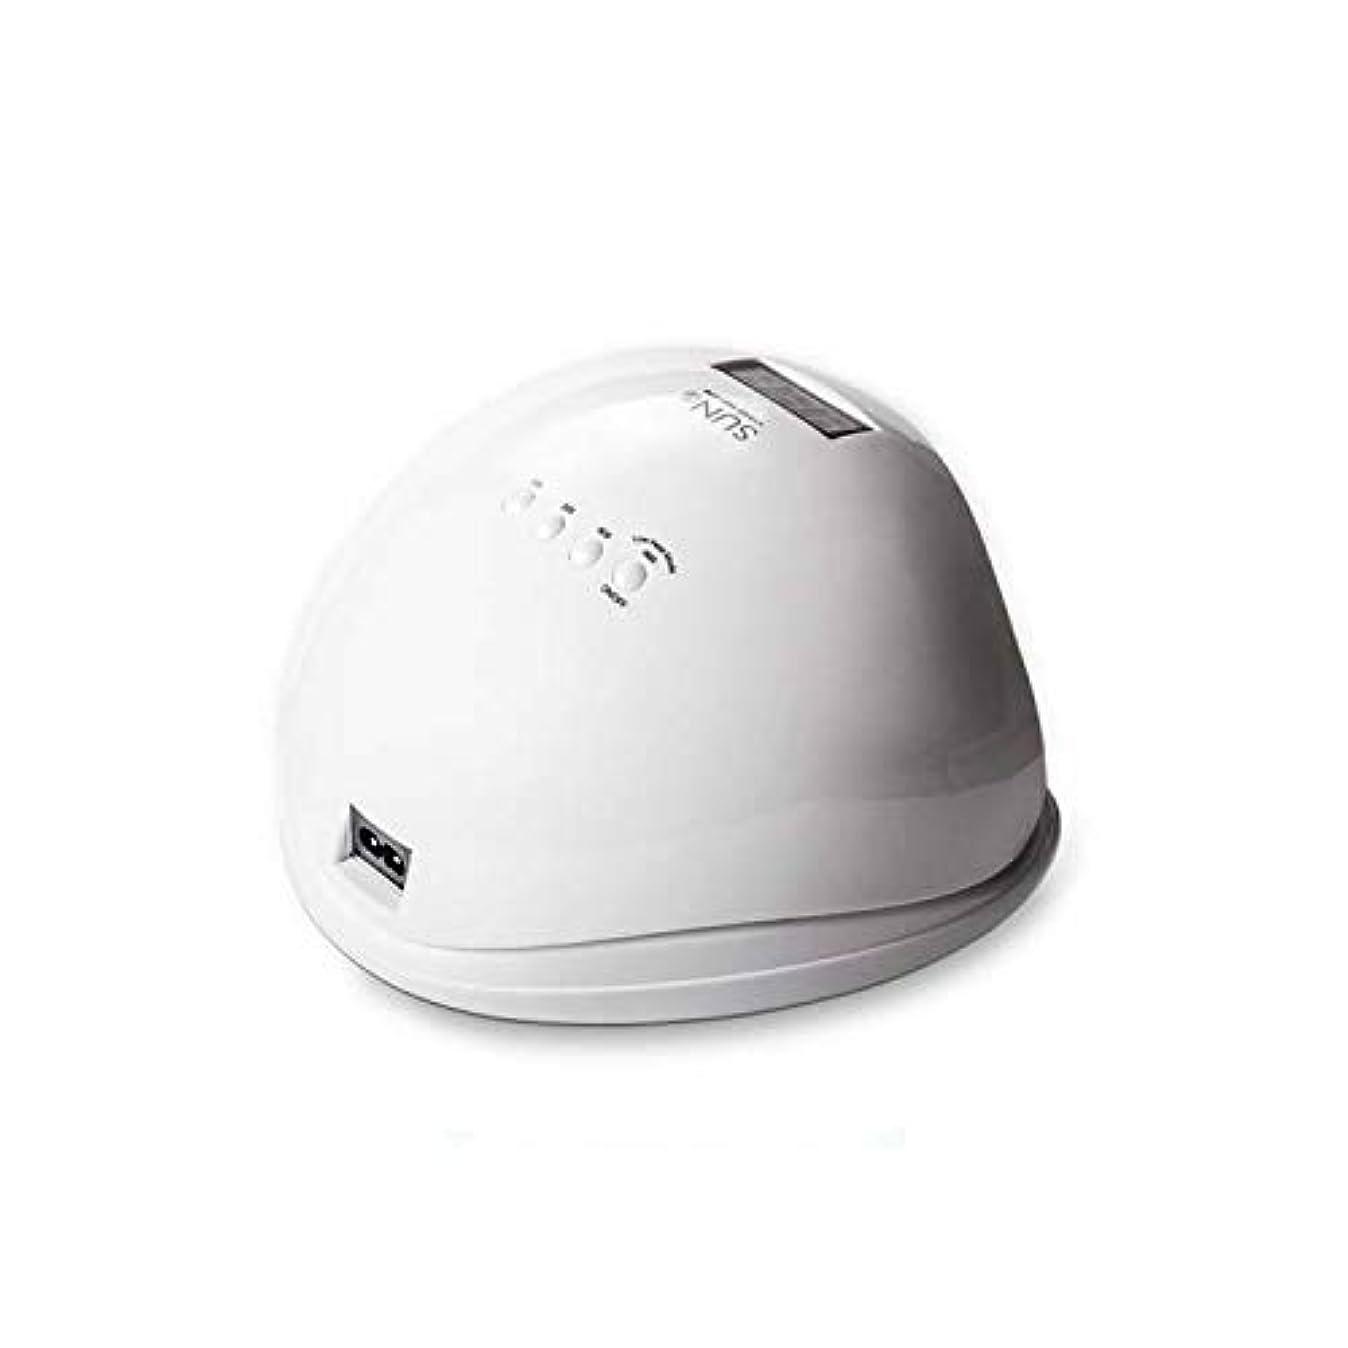 ネイルドライヤーネイルランプUV LEDジェルポリッシュ2光源4タイマーオートセンサーデジタルディスプレイ